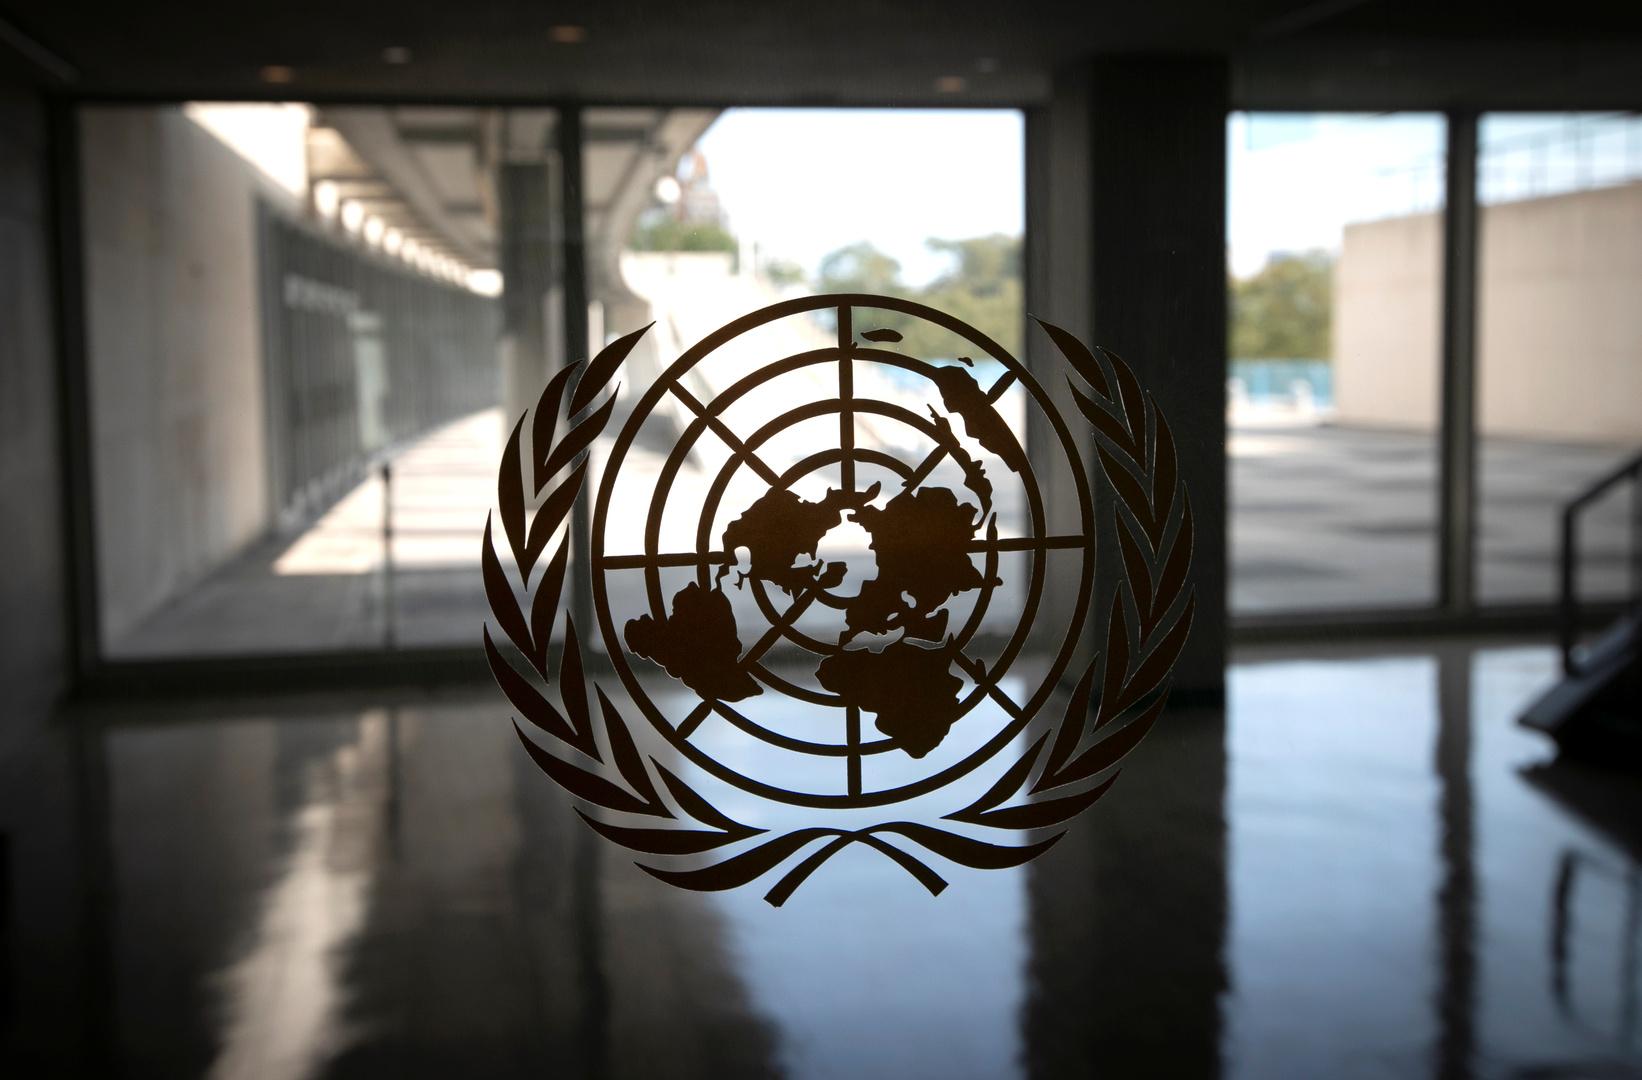 هجوم على مقر الأمم المتحدة في غرب أفغانستان ومقتل حارس واحد على الأقل